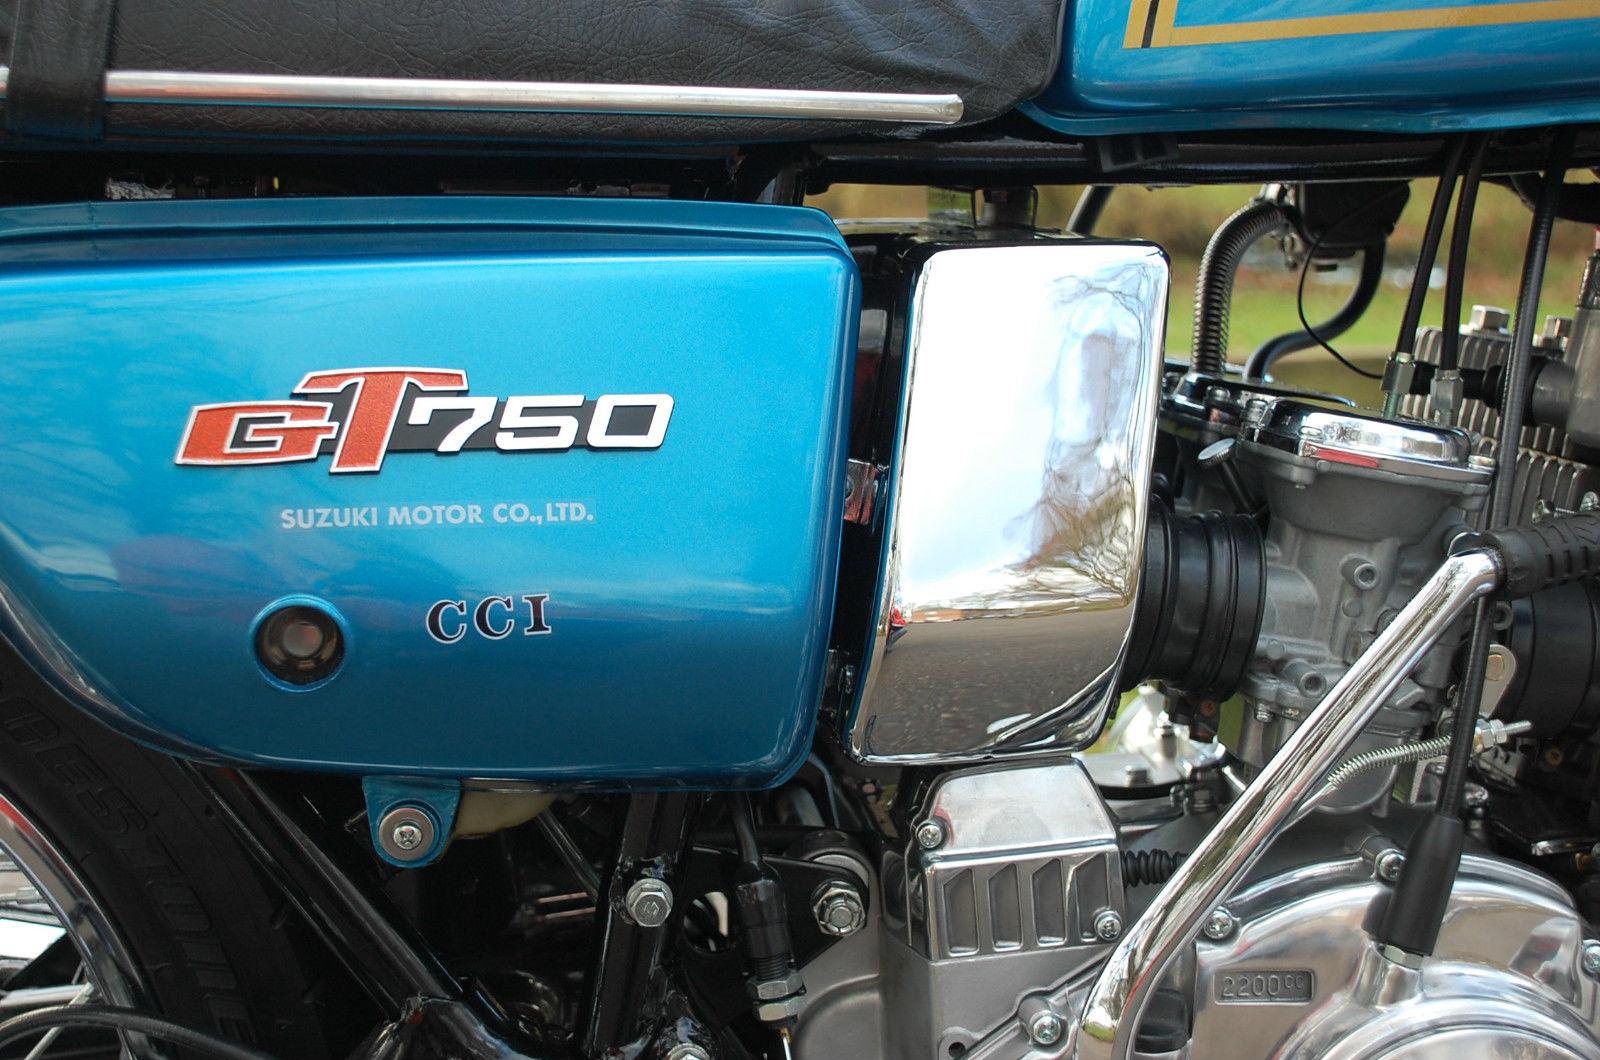 Suzuki GT750 - 1975 - Side Panel, Glitter Badge, Seat Trim and Airbox.